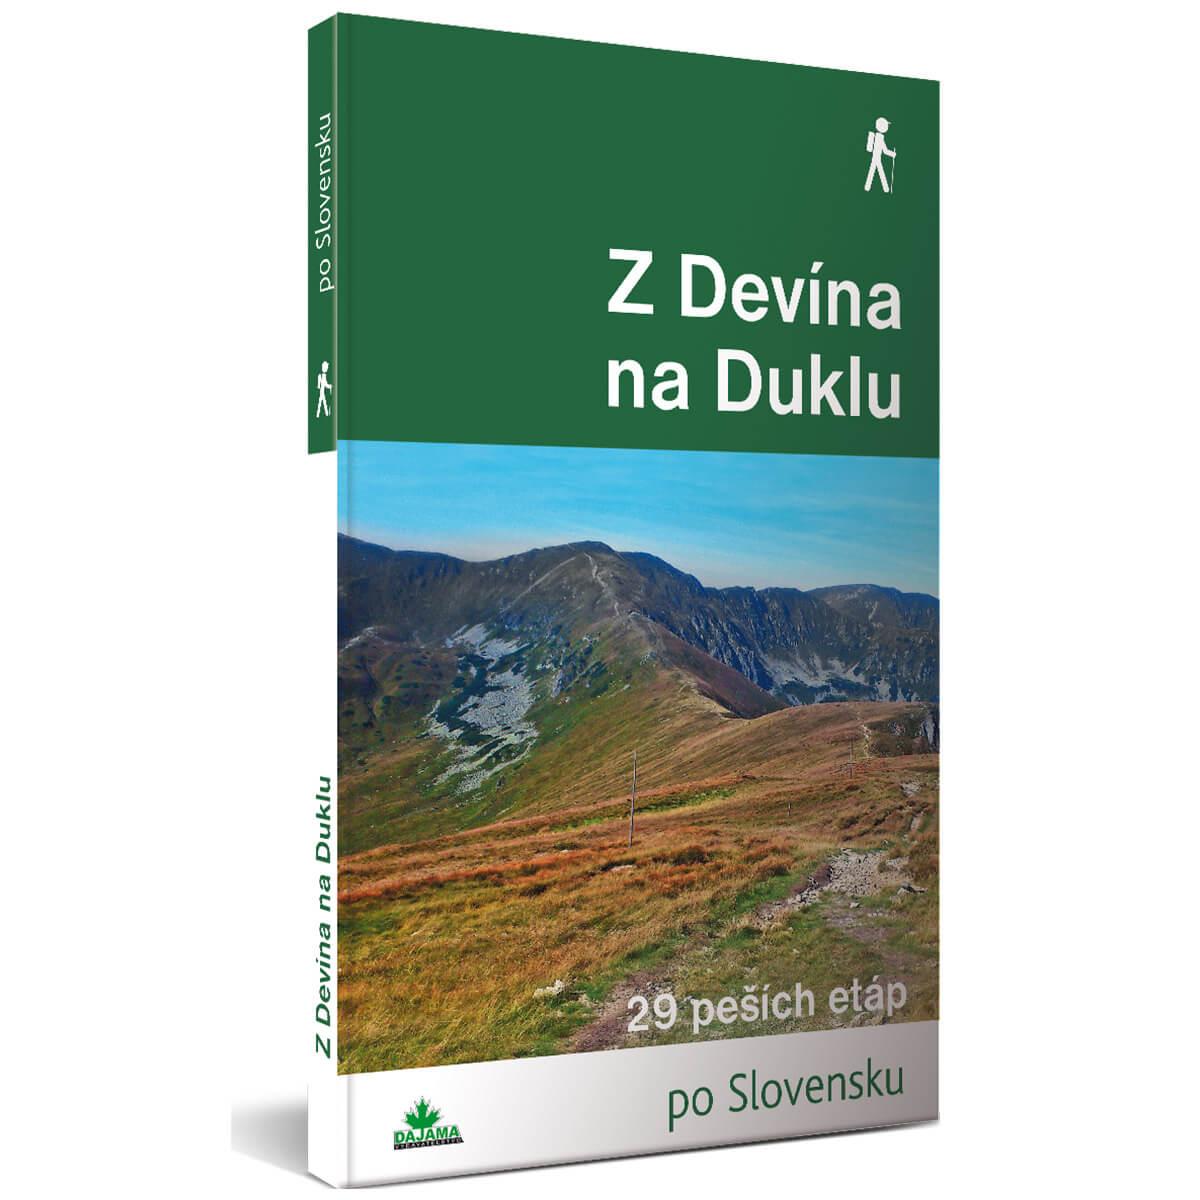 Kniha Z Devína na Duklu - 29 peších etáp po Slovensku z vydavateľstva Dajama